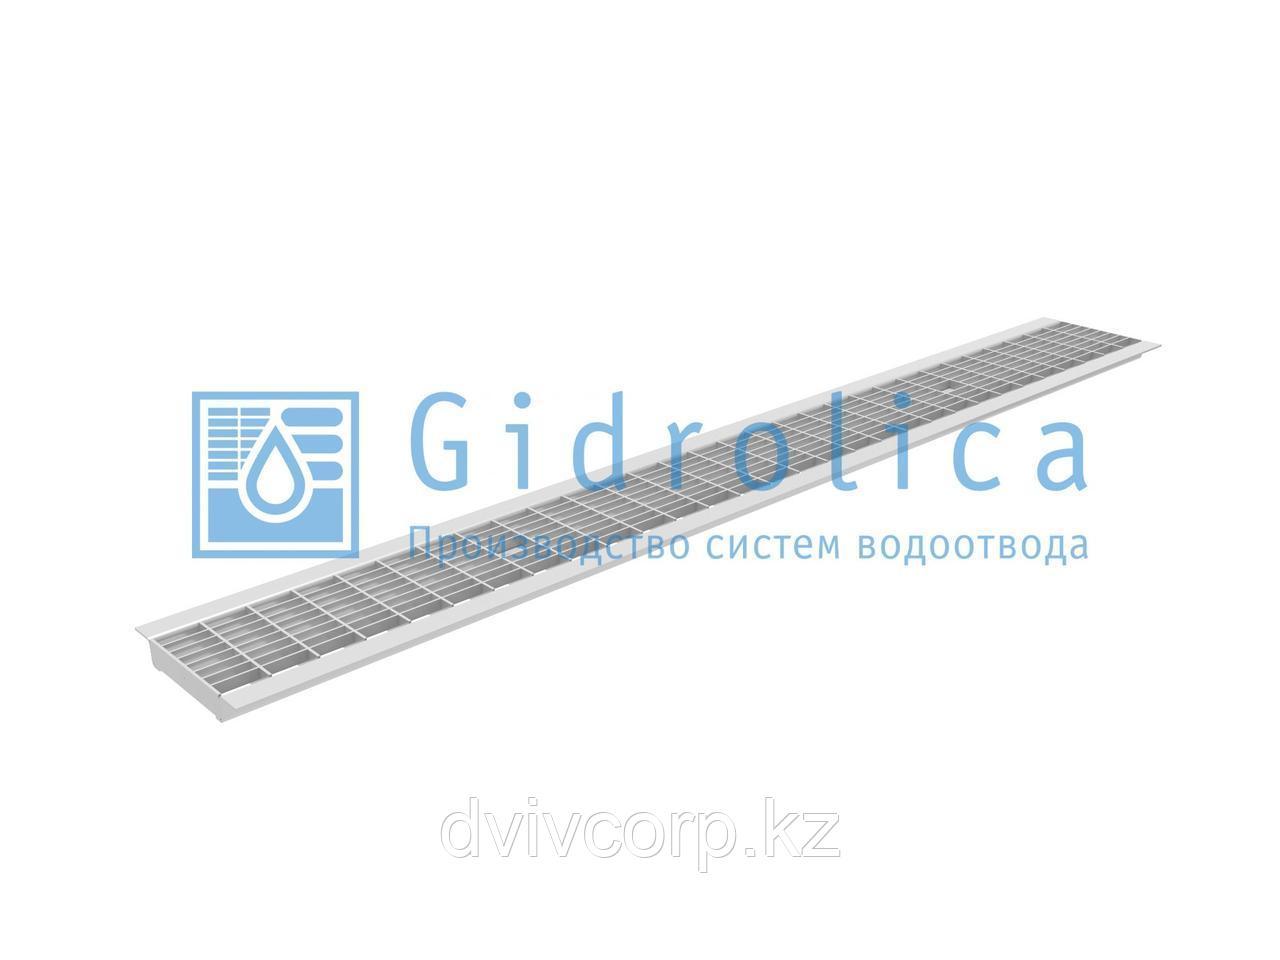 Арт. 501 Решетка водоприемная Gidrolica Standart РВ -10.13,6.100 - ячеистая стальная оцинкованная, кл. В125